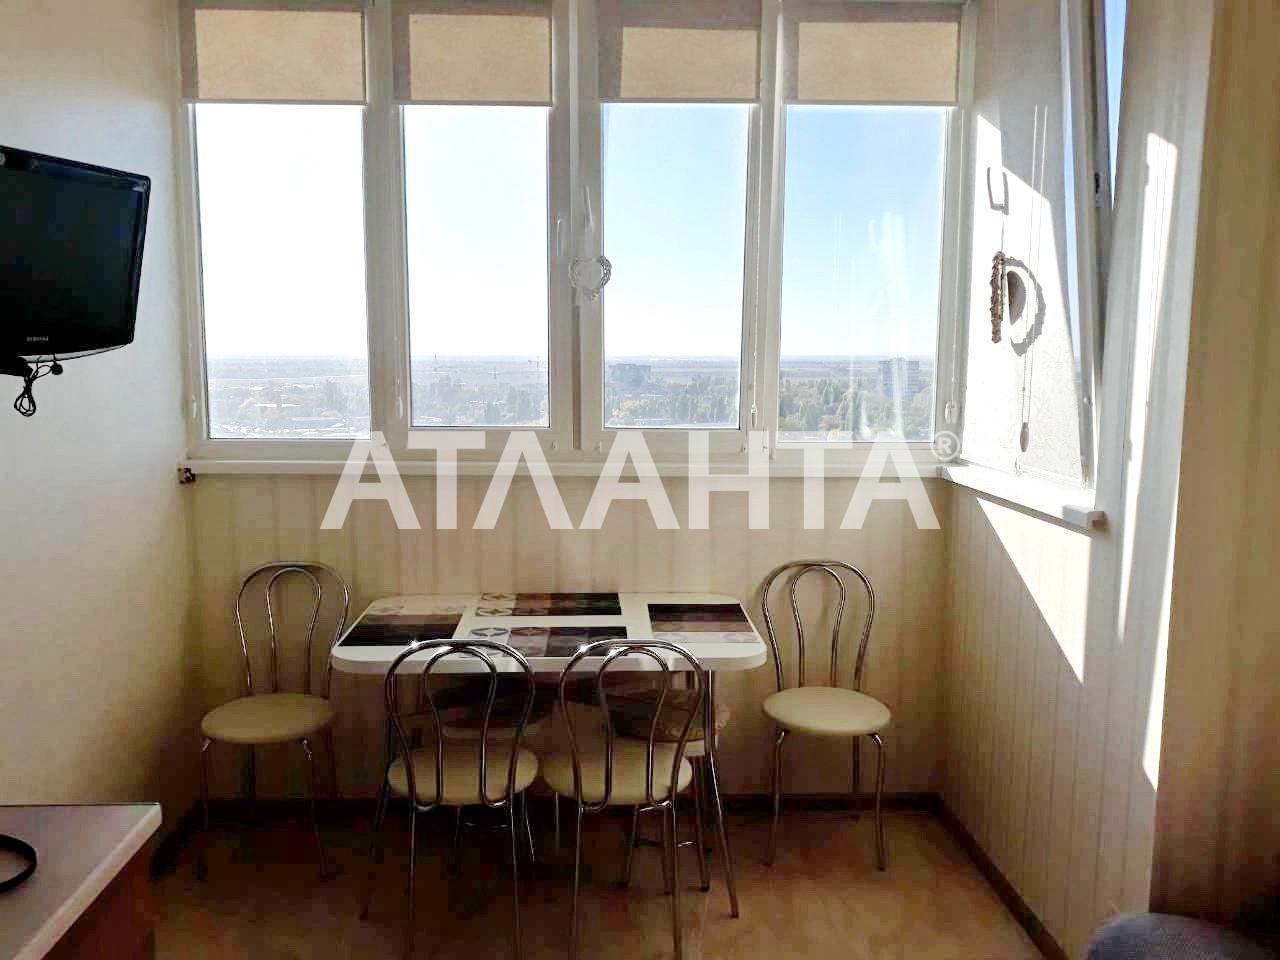 Продается 1-комнатная Квартира на ул. Люстдорфская Дор. (Черноморская Дор.) — 53 000 у.е. (фото №5)